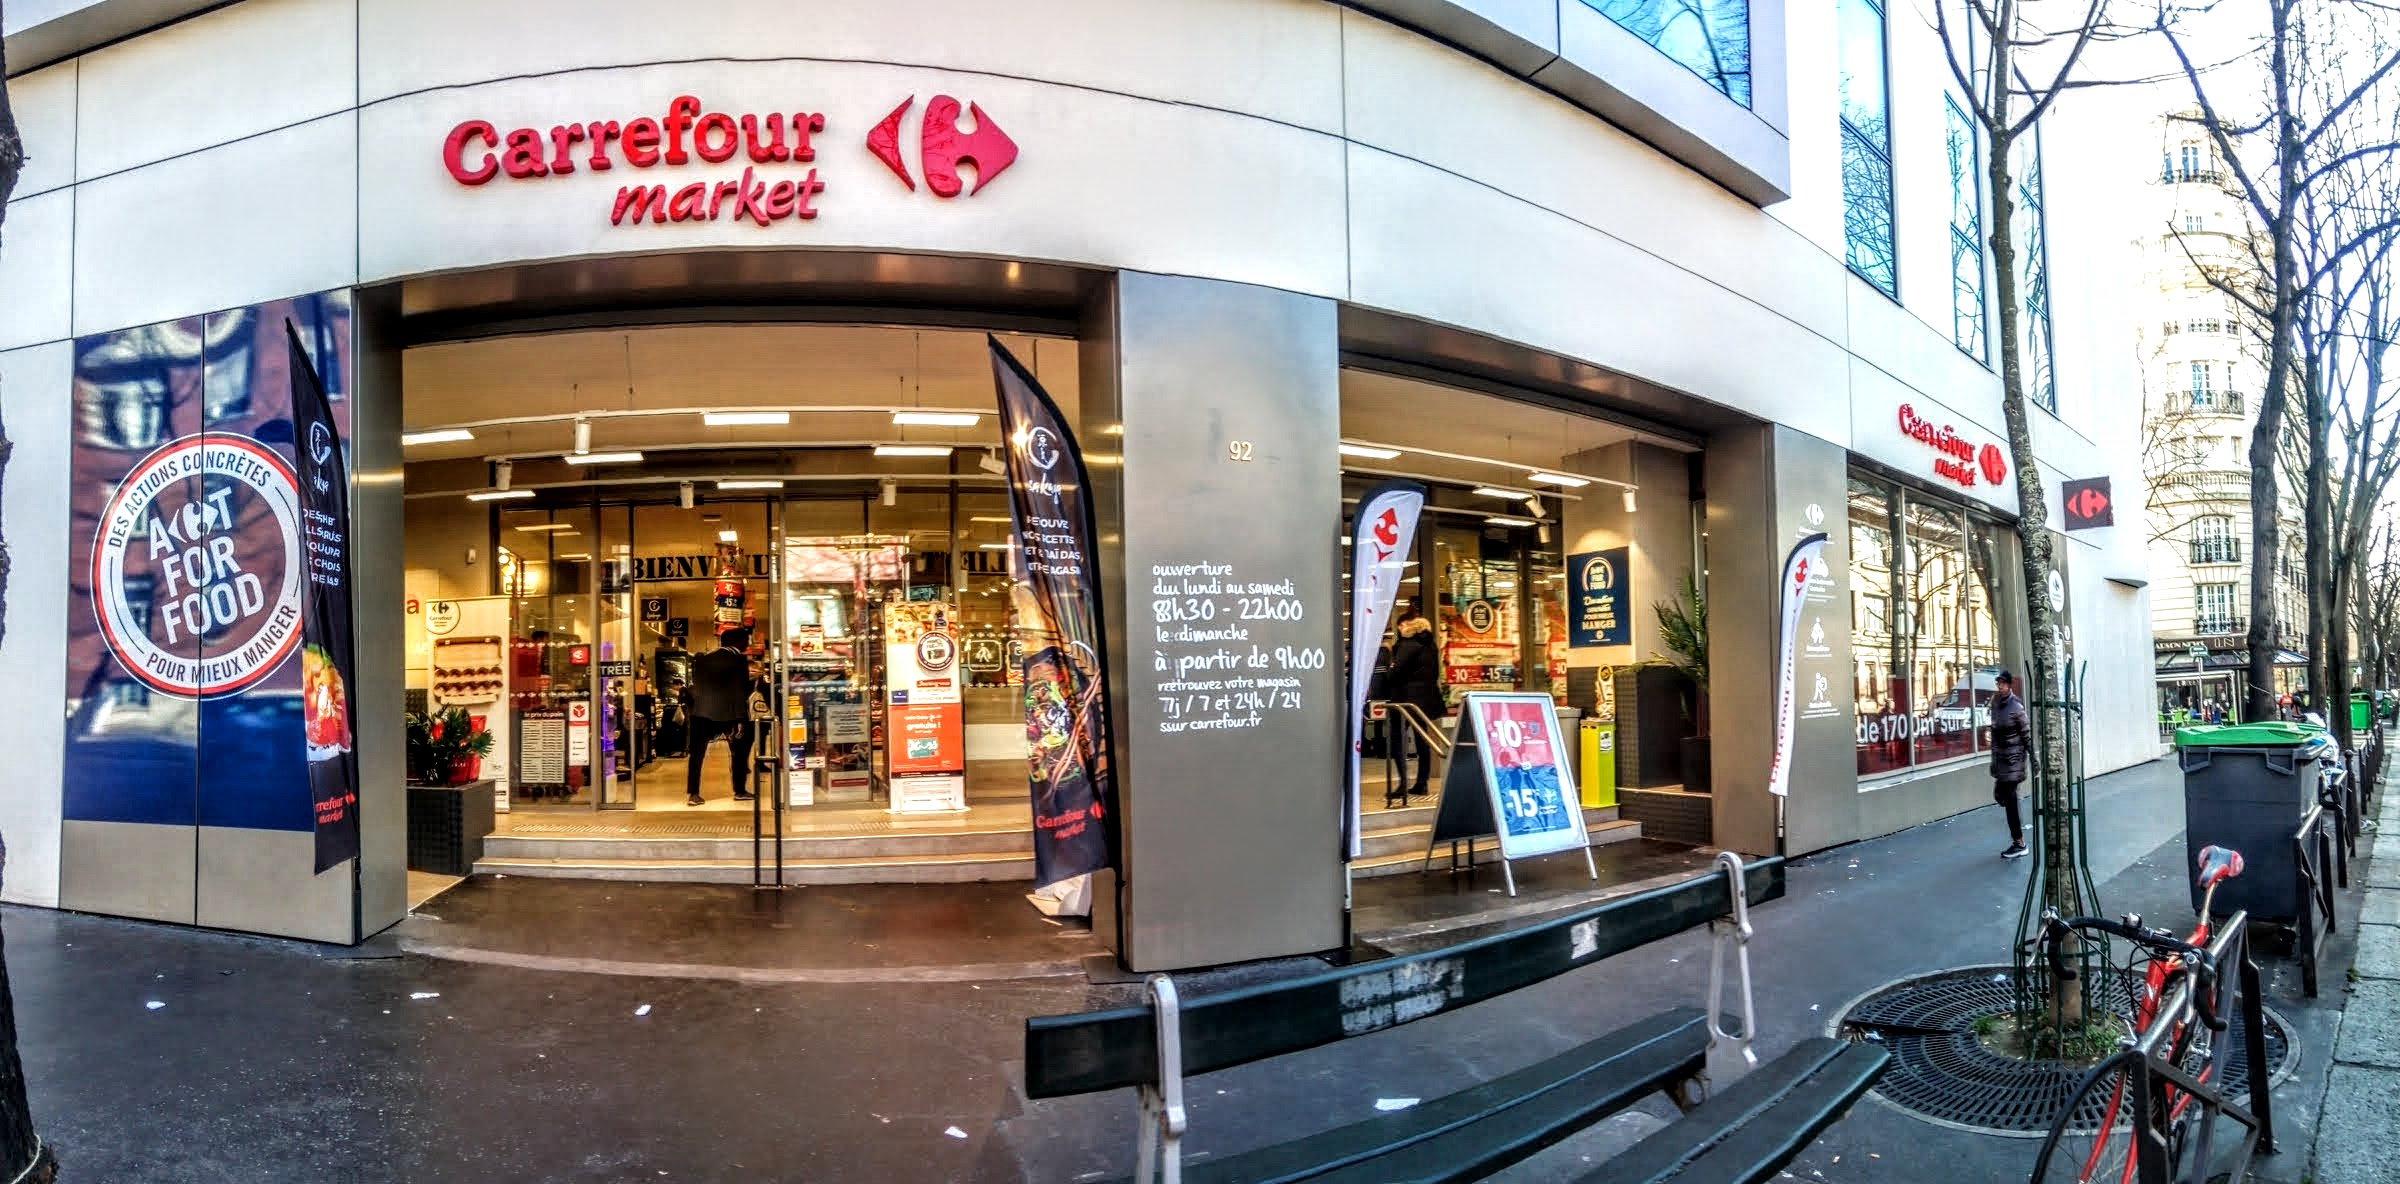 Carrefour Market Paris Gambetta